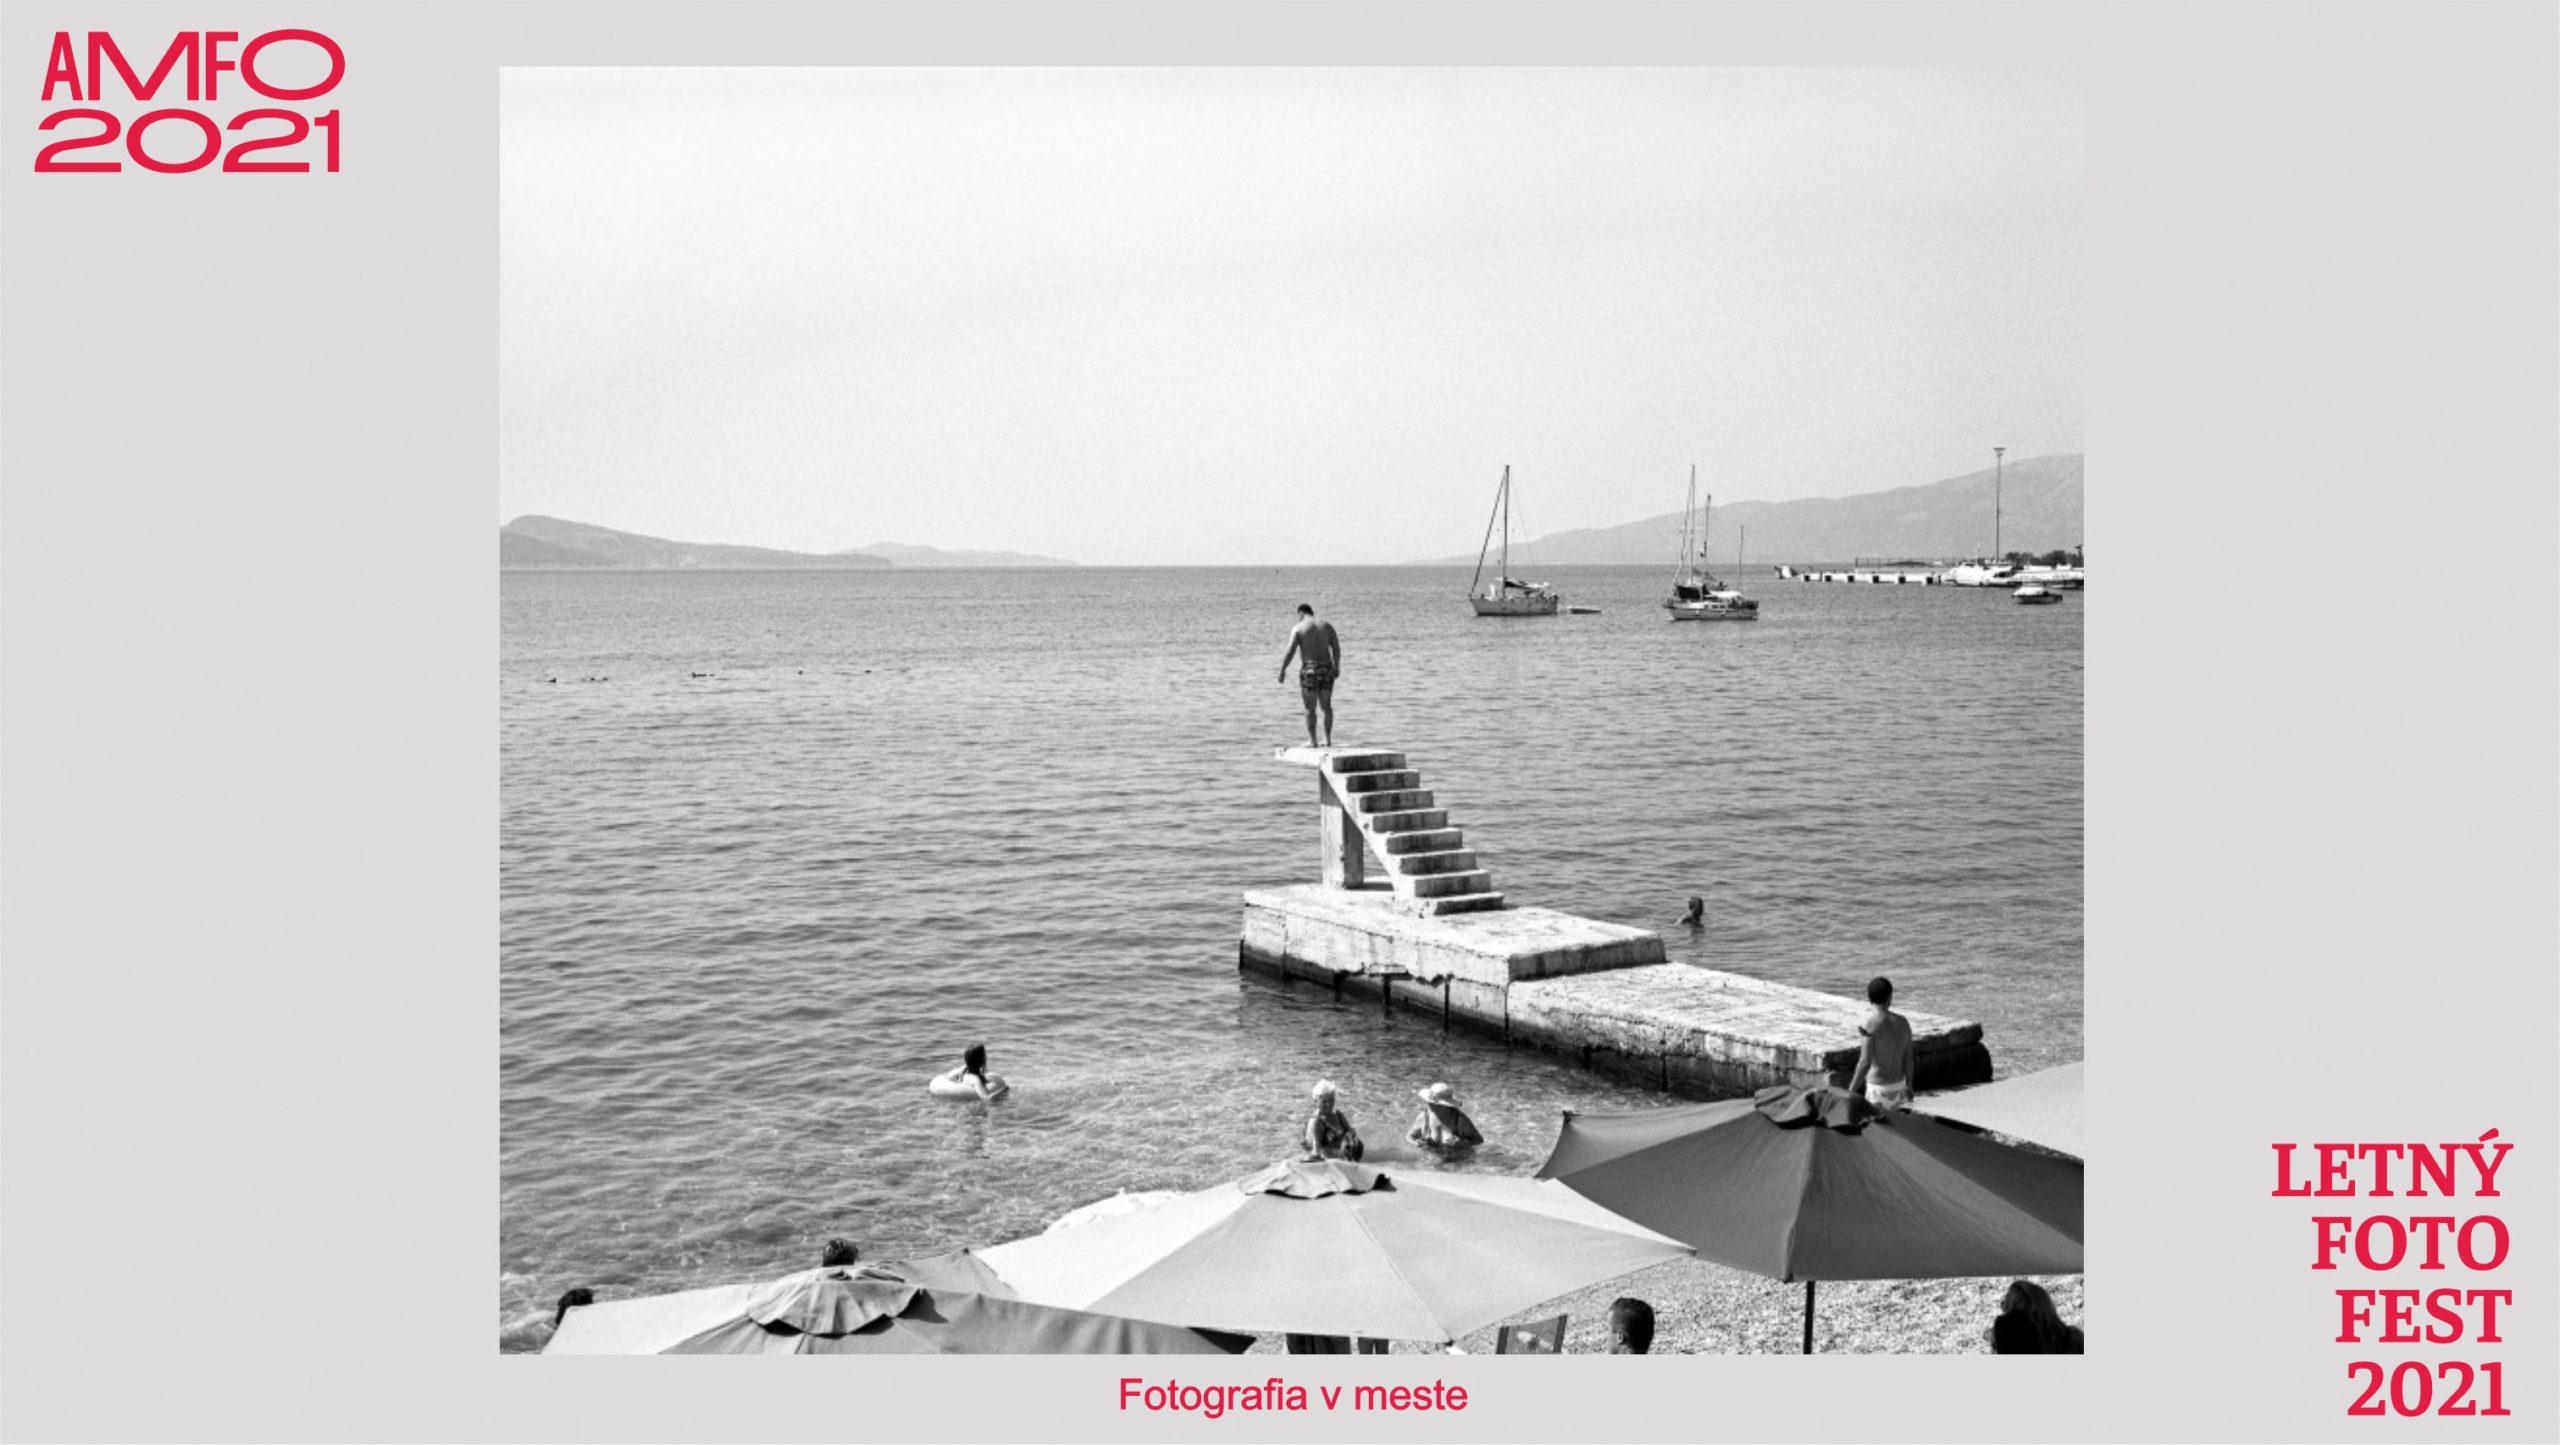 Letný foto fest – Fotografia v meste – virtuálna galéria